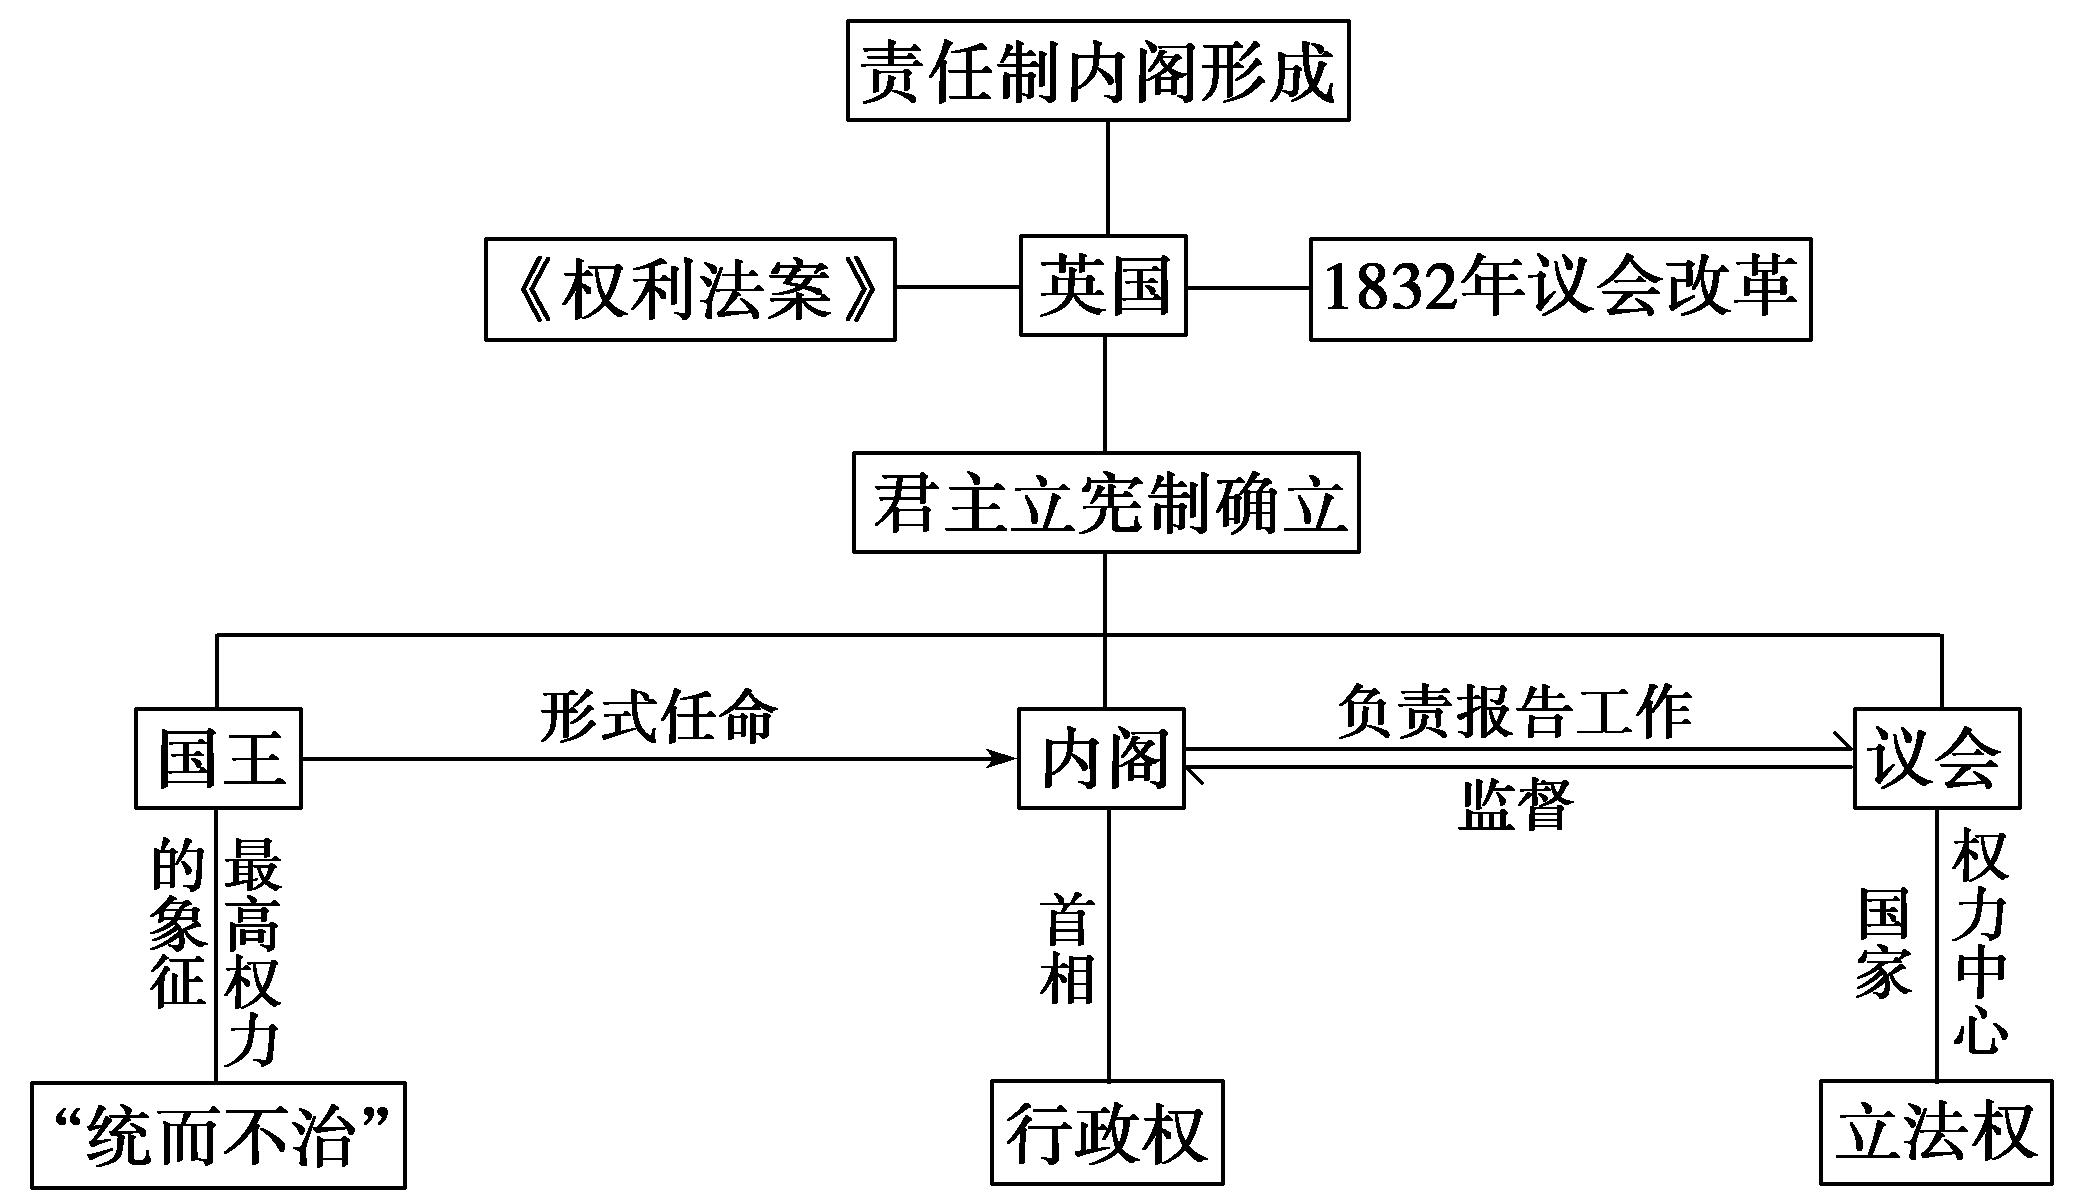 日本君主立宪_2015-2016高中历史 第三单元 9 英国君主立宪制的建立